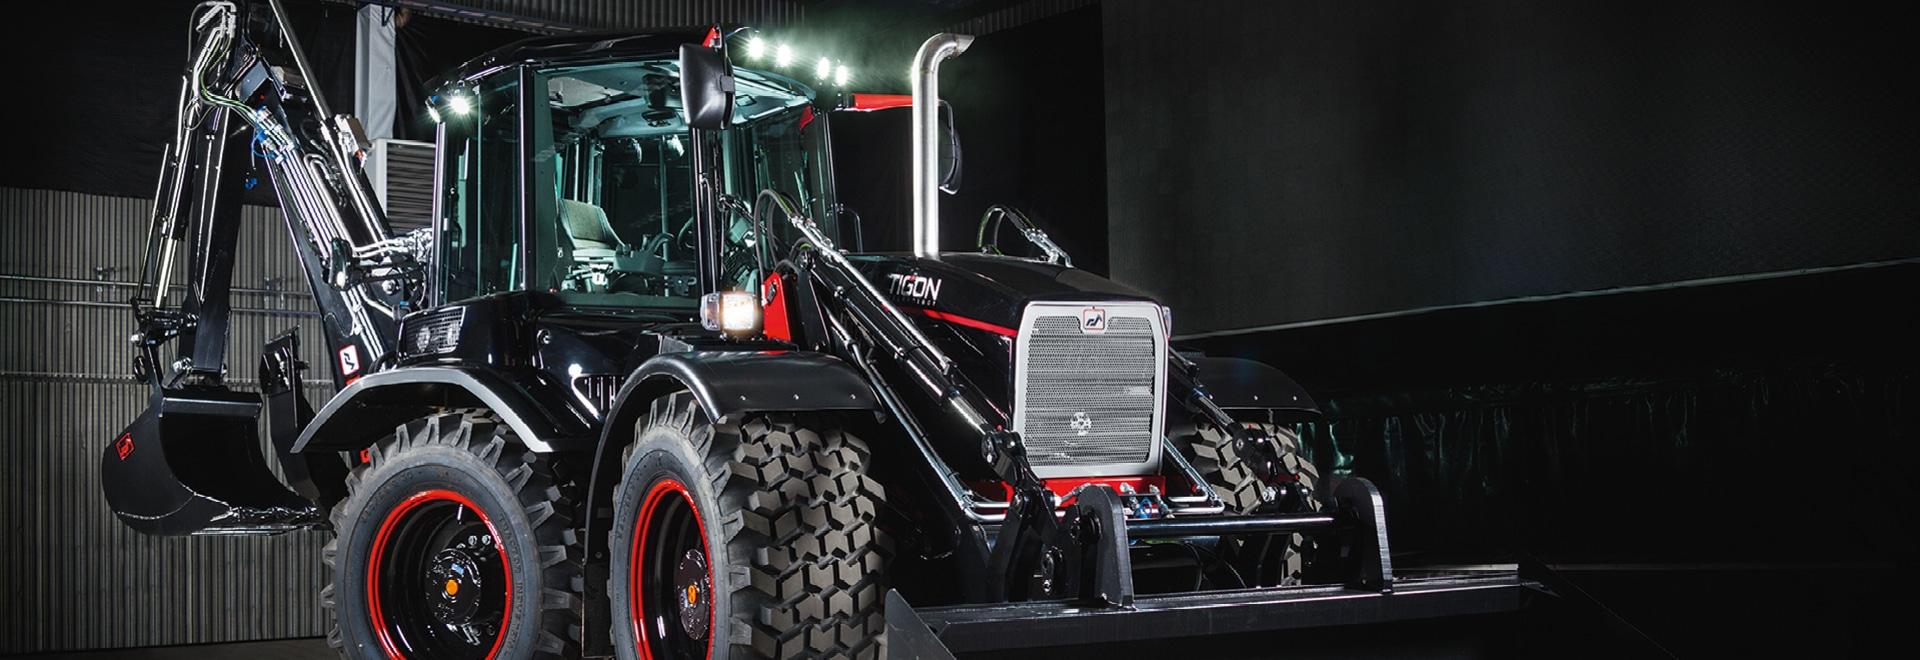 Radantriebe von Bonfiglioli verbessern die Präzision und Effizienz von Huddig-Baggerladern mit der revolutionären Tigon Technology.